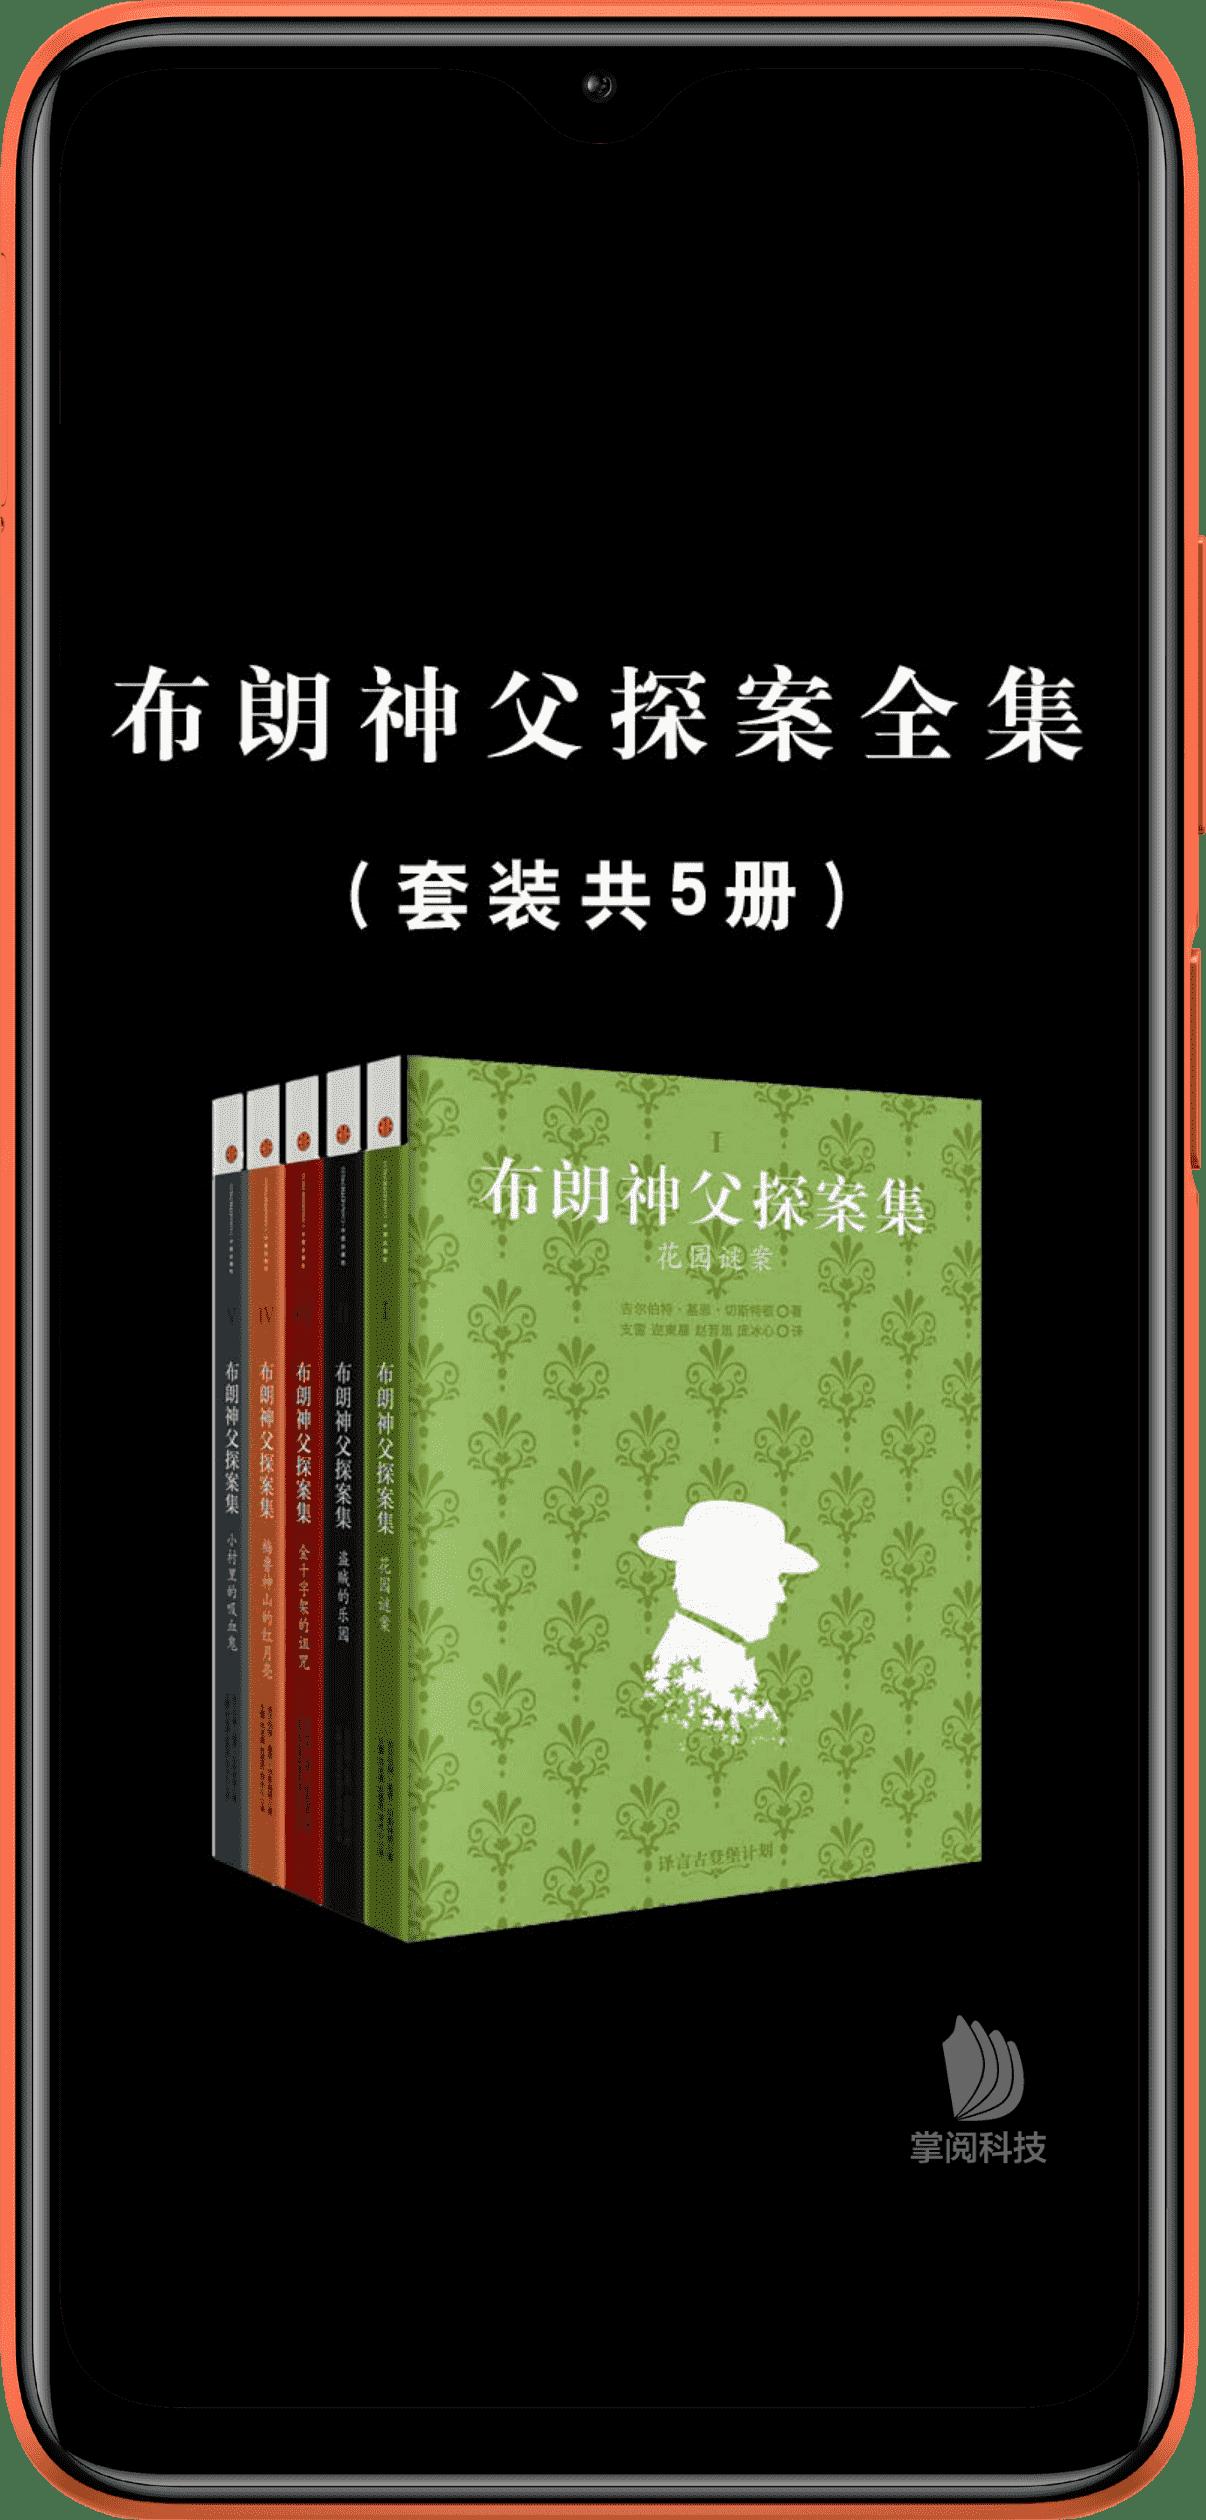 《布朗神父探案全集(套装共5册)[精品]》